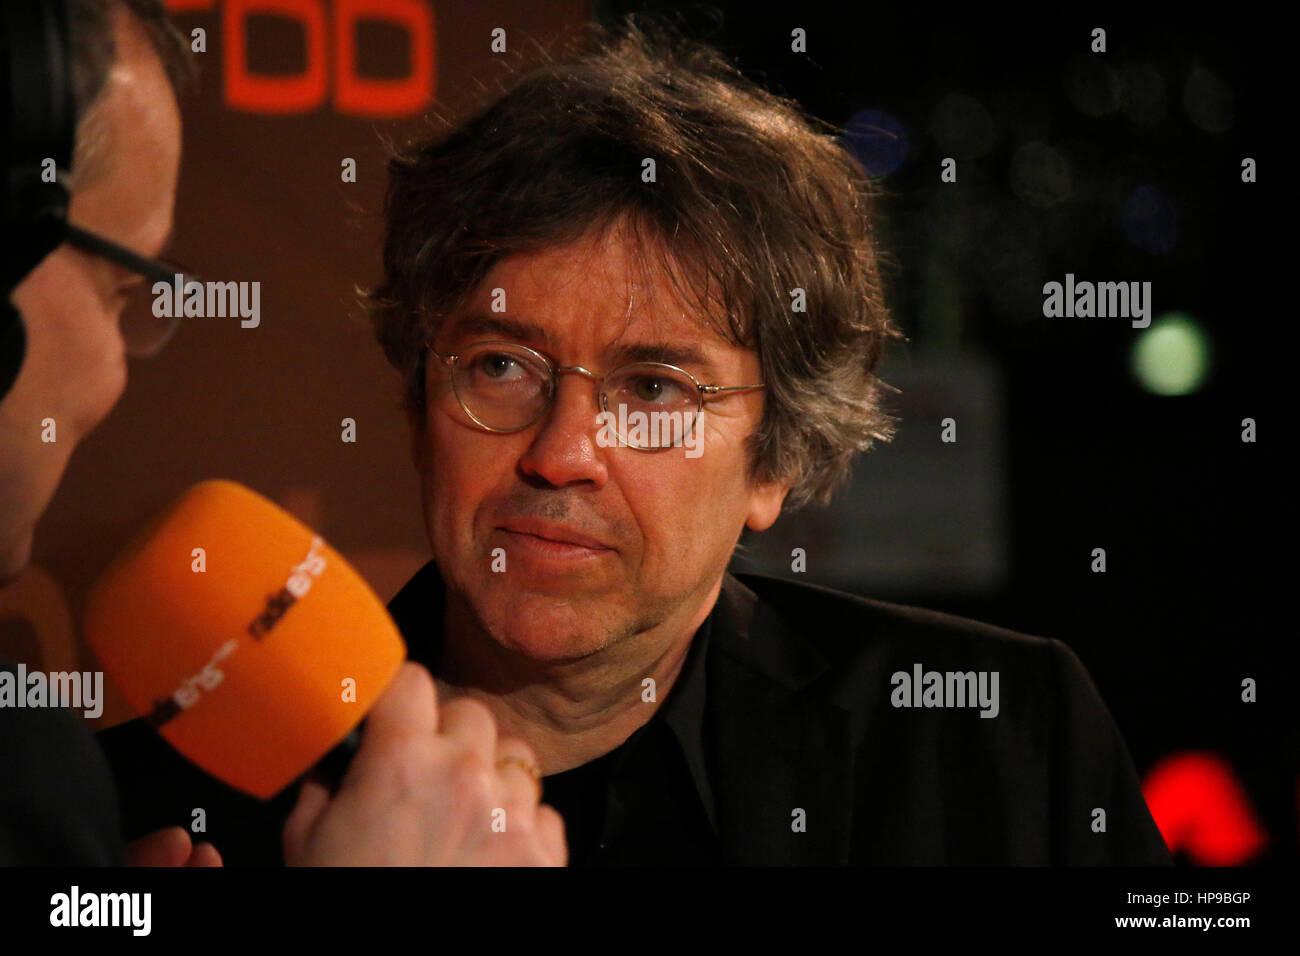 Andreas Veiel - Radioeins Nighttalk-Berlinale 2017, 16. Februar 2017, Berlin. Stockbild